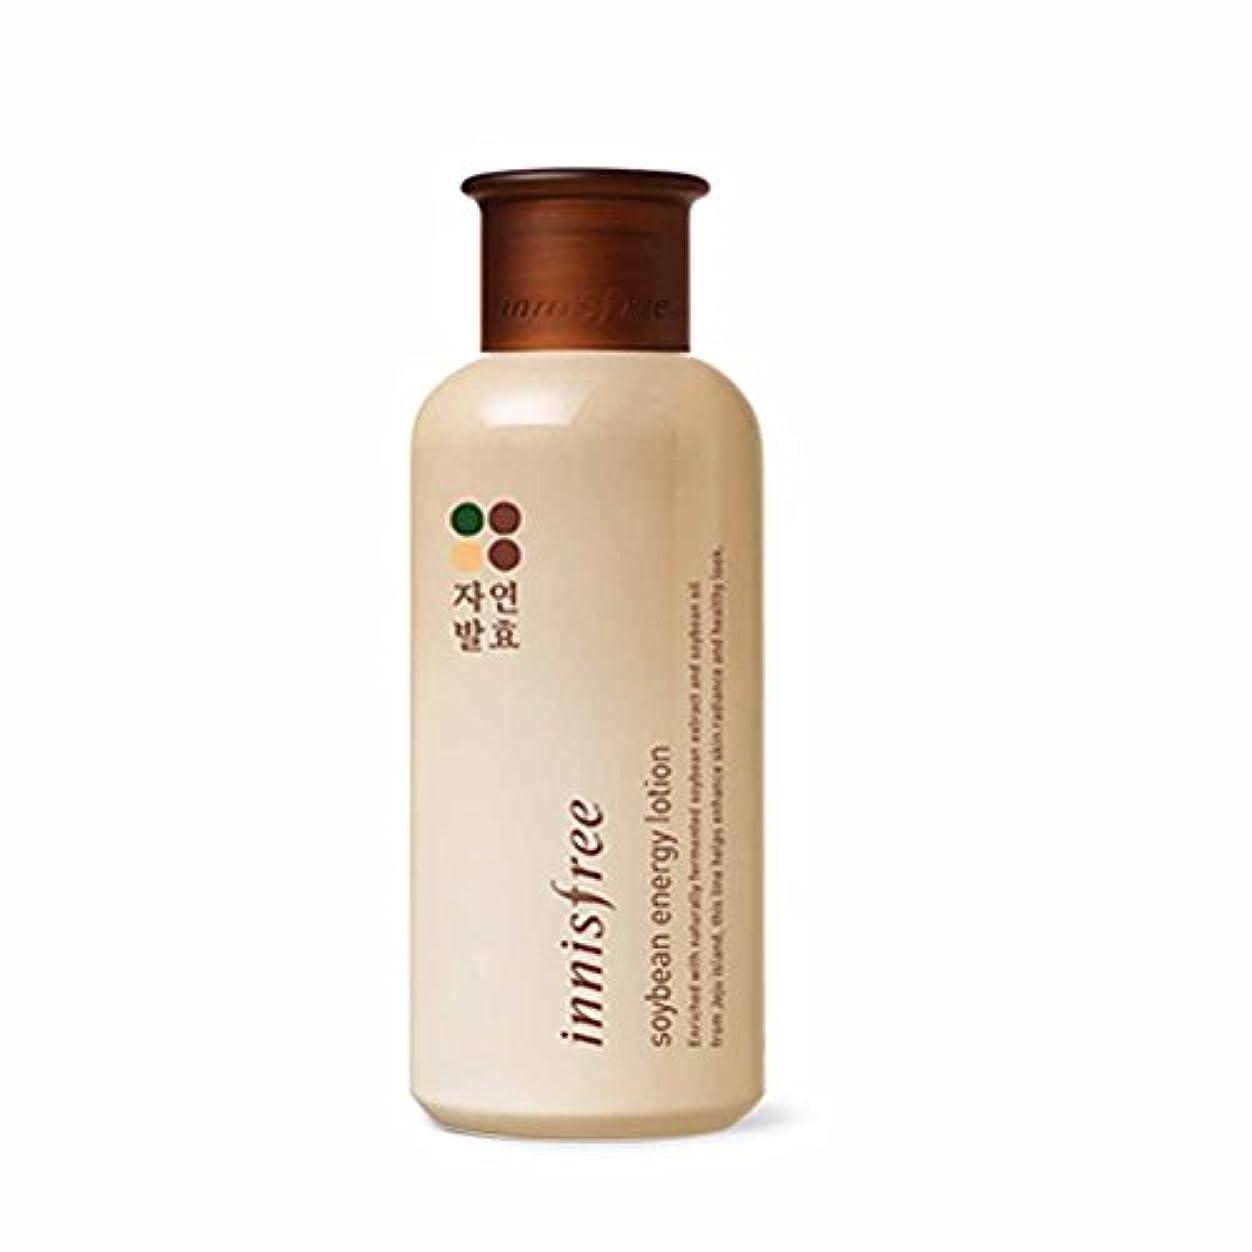 シャットアクセント無心イニスフリーソイビーンエナジースキン(トナー)200ml / Innisfree Soybean Energy Skin(Toner) 200ml[海外直送品][並行輸入品]